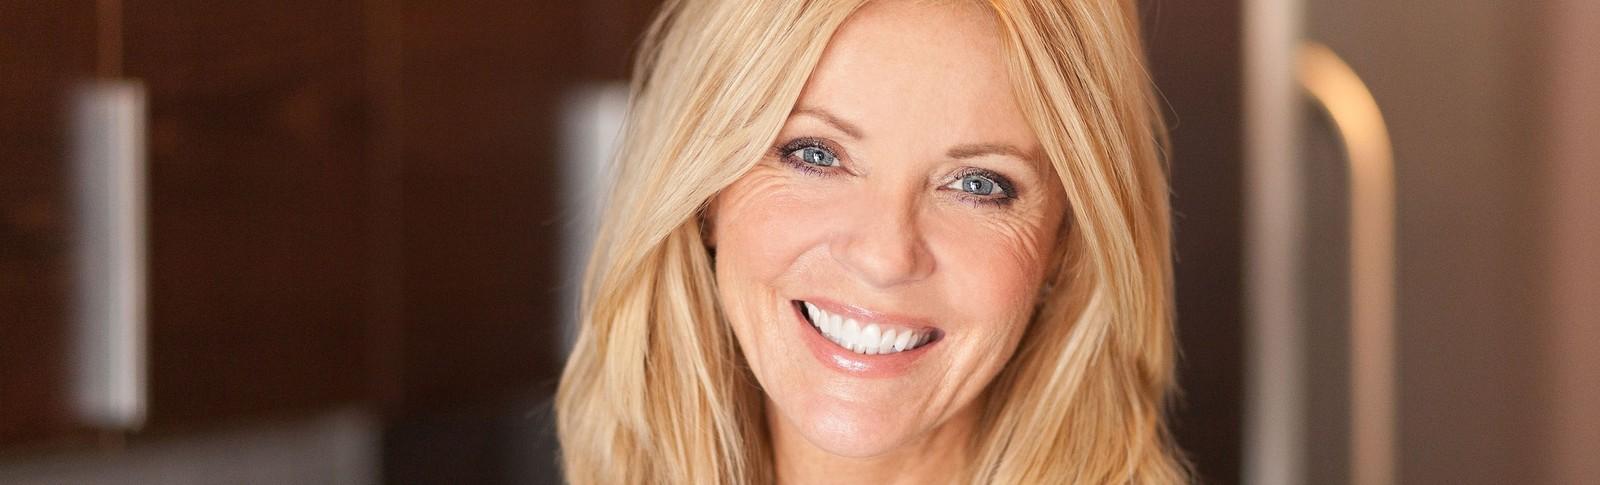 Blonde Frau lächelt nach erfolgreicher Tränensack OP bei den Moser Kliniken in die Kamera